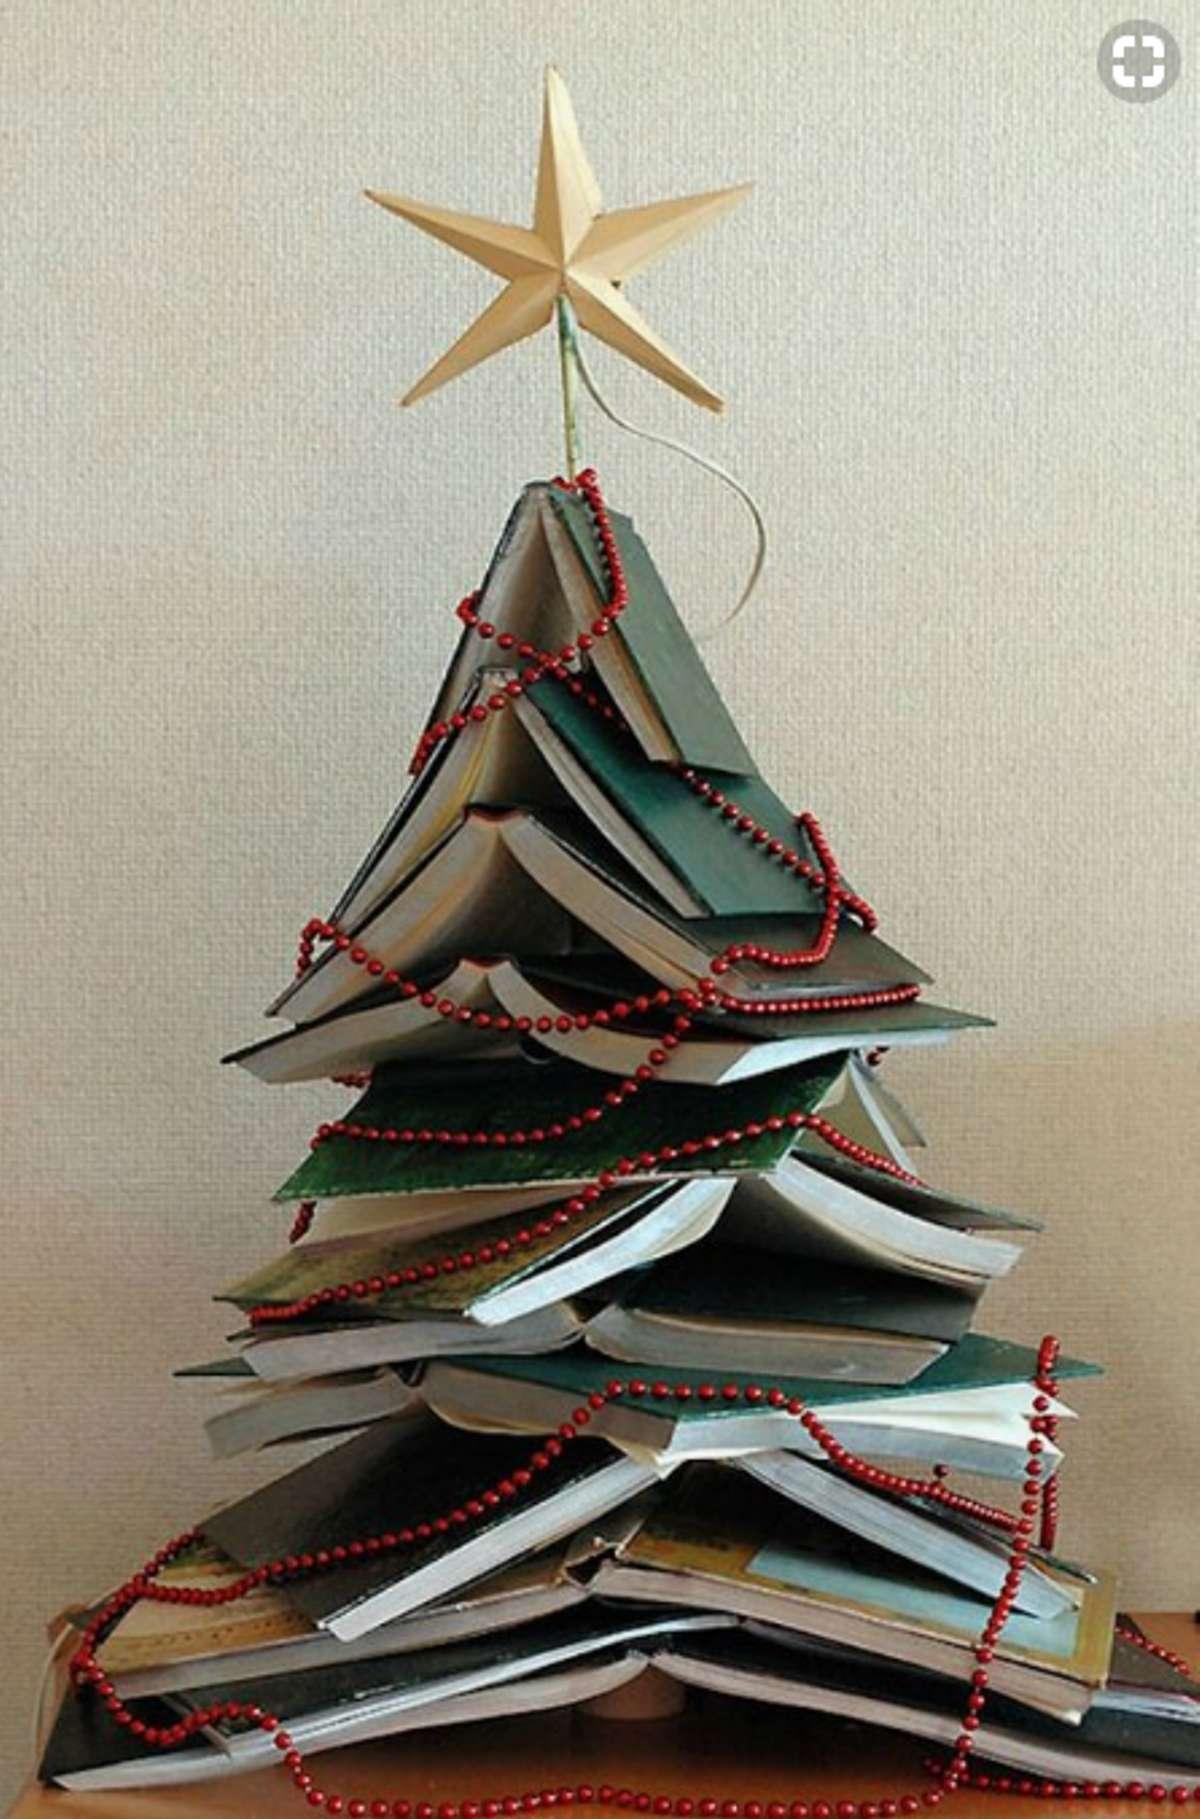 6 Adornos navideños con materiales reciclados 4